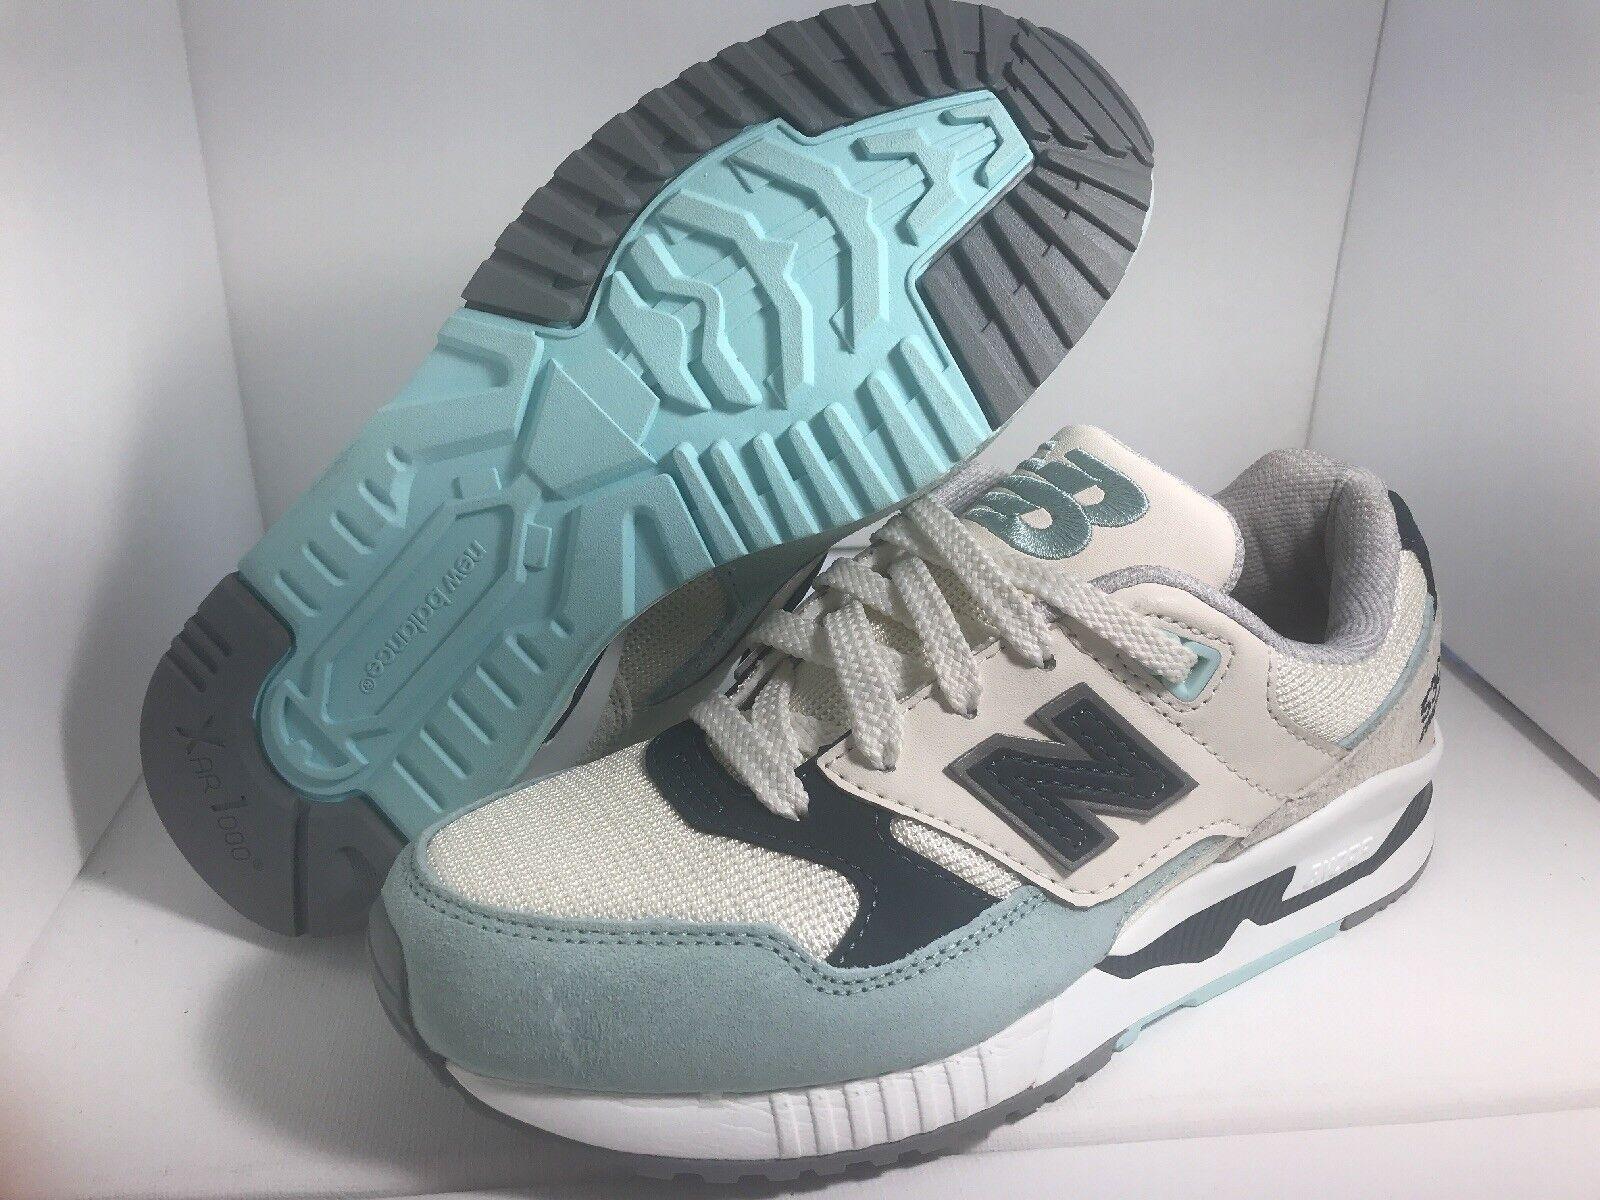 New balance w530SD ENCAP Azul Azul Azul blancoo Zapatos Zapatillas Mujer Talla 5.5  edición limitada en caliente